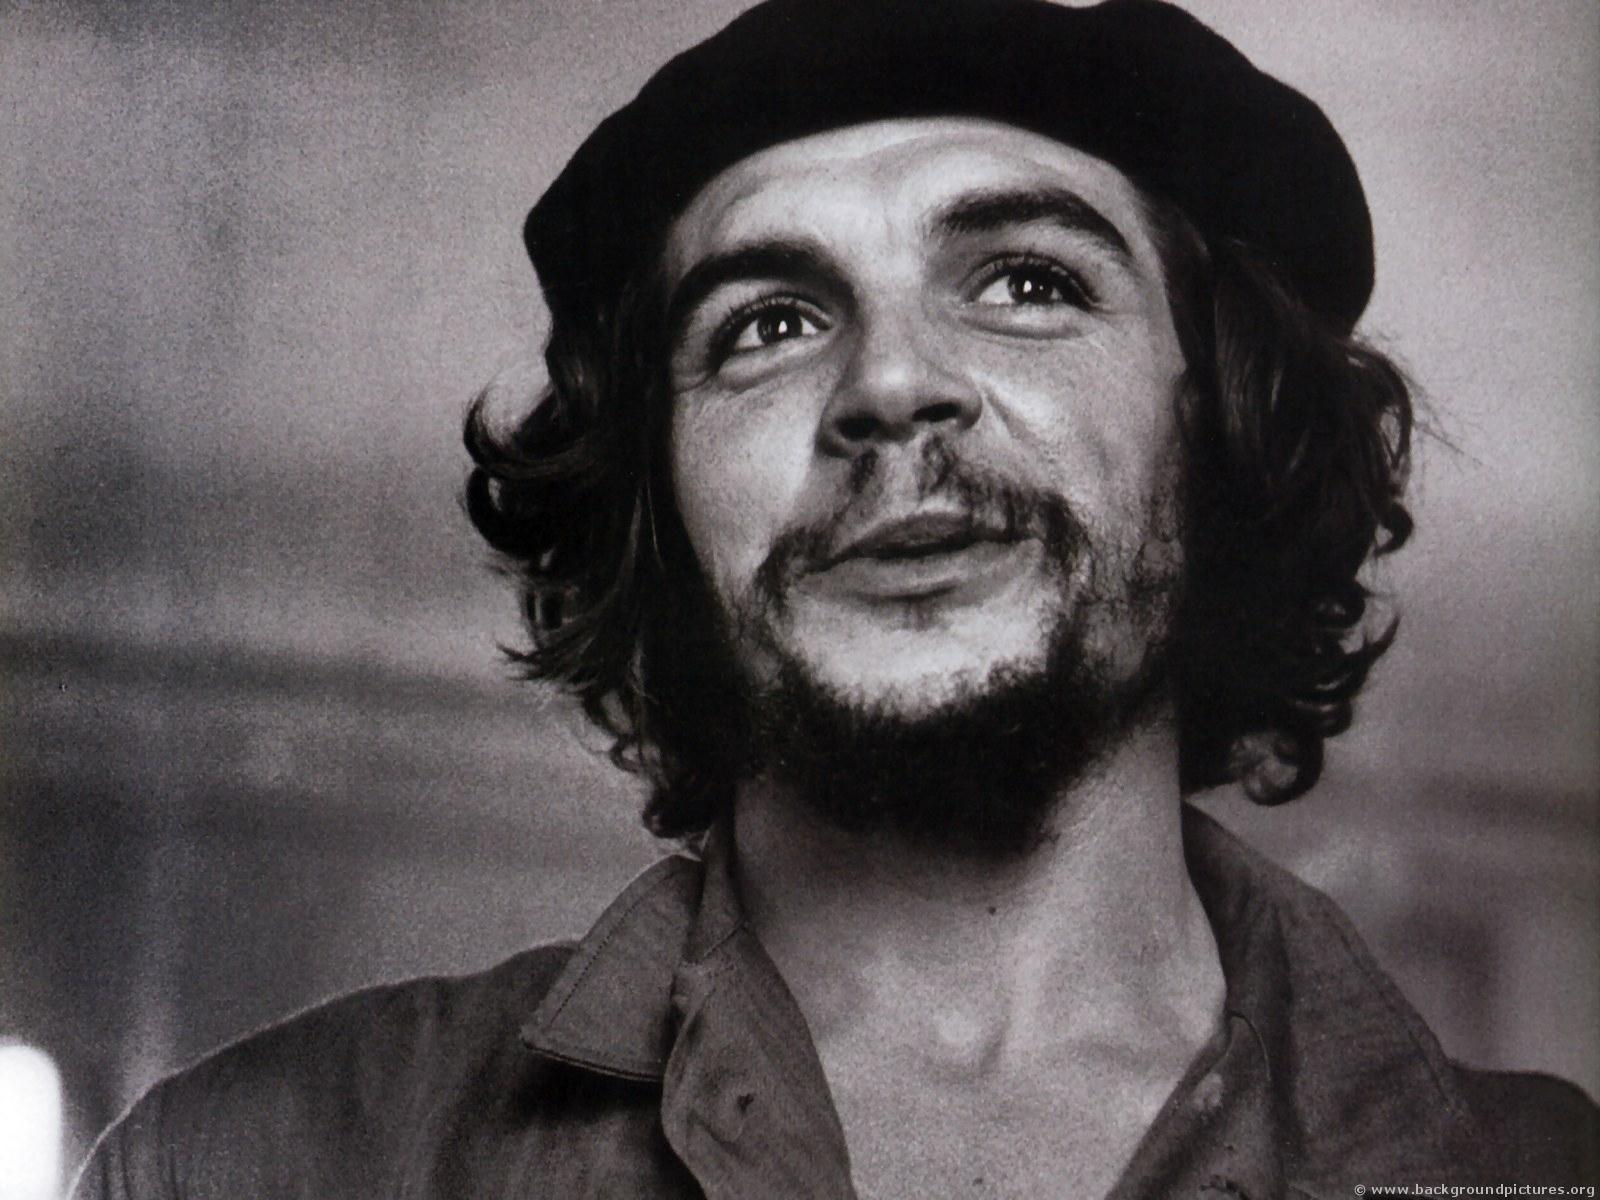 http://2.bp.blogspot.com/-4O0qt92X2P0/TtuLjVrukMI/AAAAAAAABbI/XlyaxuEFYmw/s1600/Che-Guevara-Rare-Pictures-5.jpg